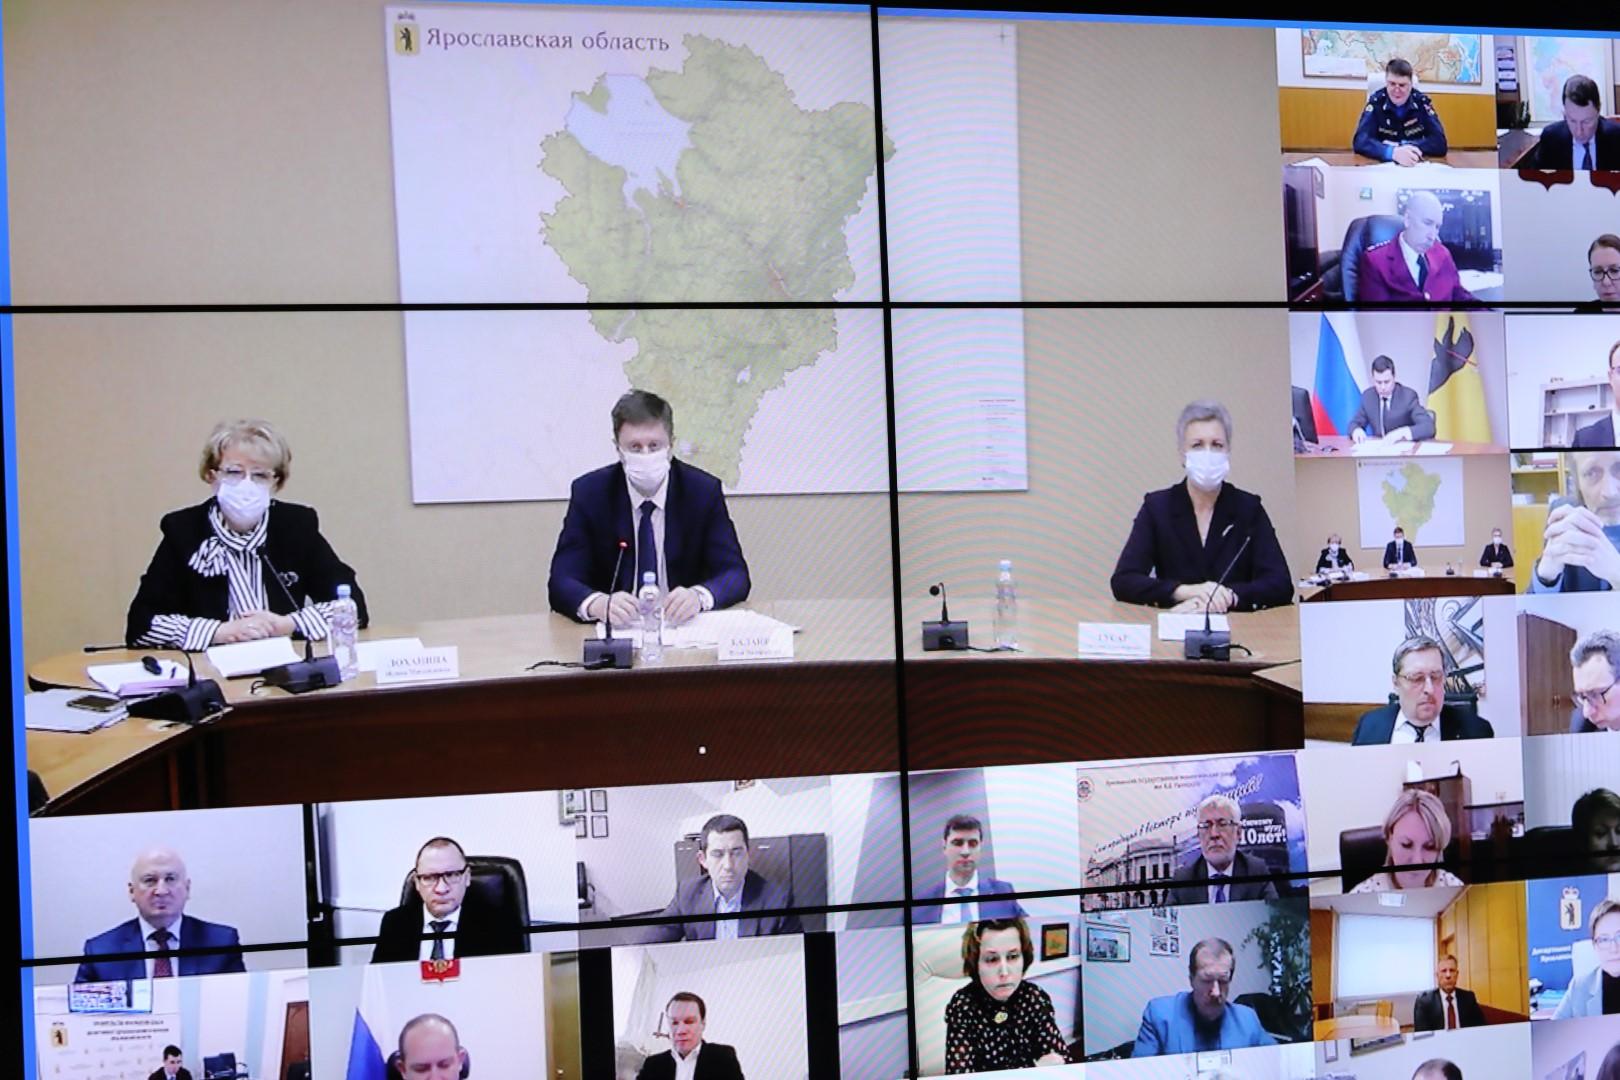 Ярославская область занимает лидирующие позиции в ЦФО и 15-е место в России по уровню трудоустройства выпускников